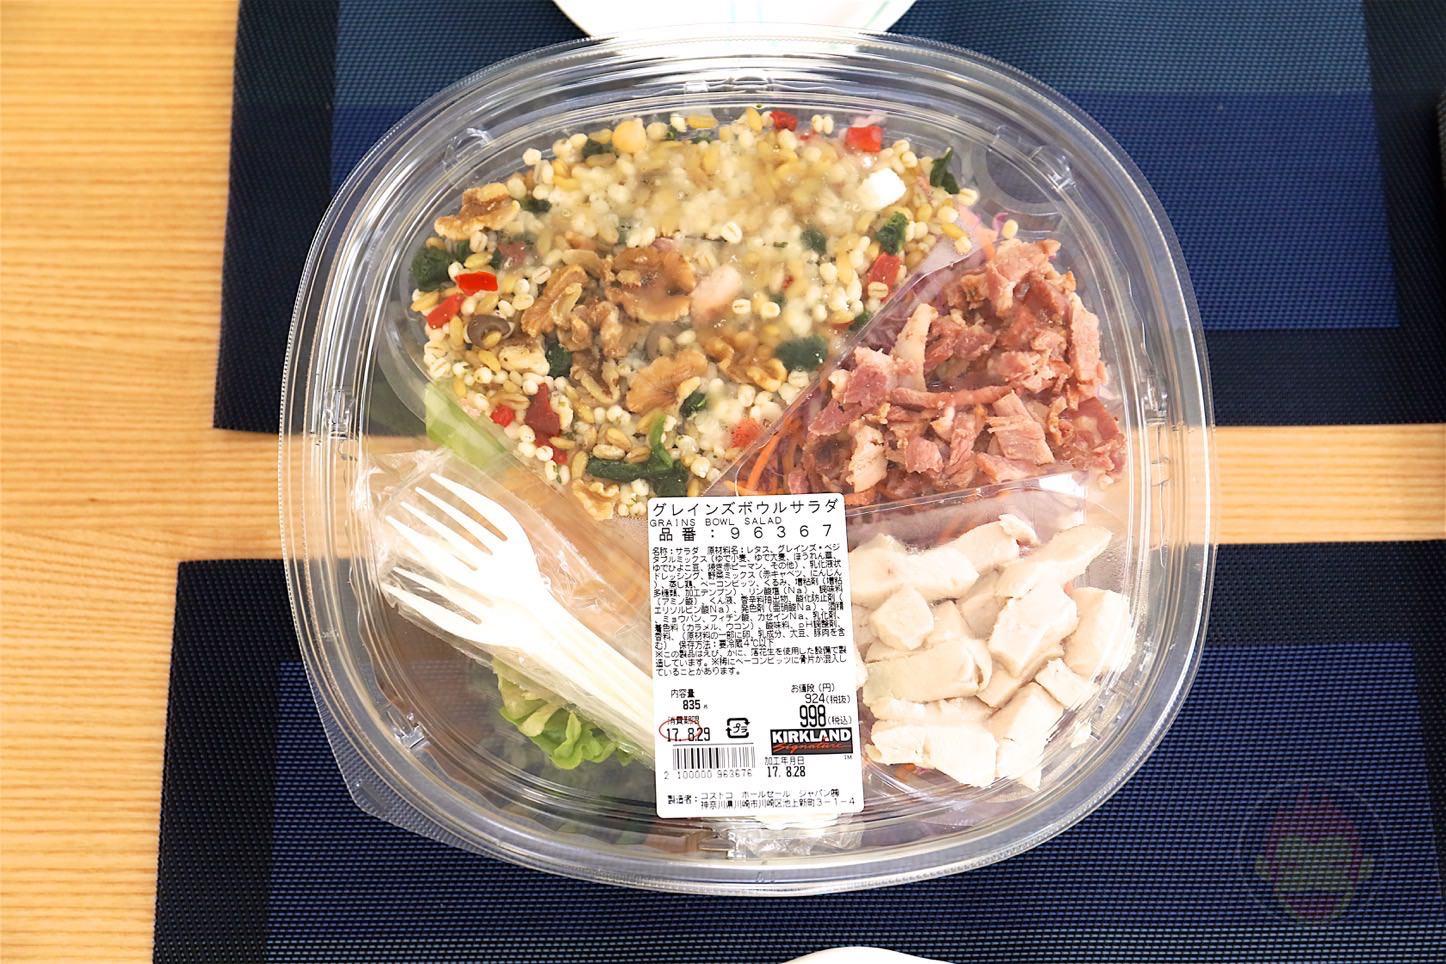 Costoco-Grains-Bowl-Salad-01.jpg